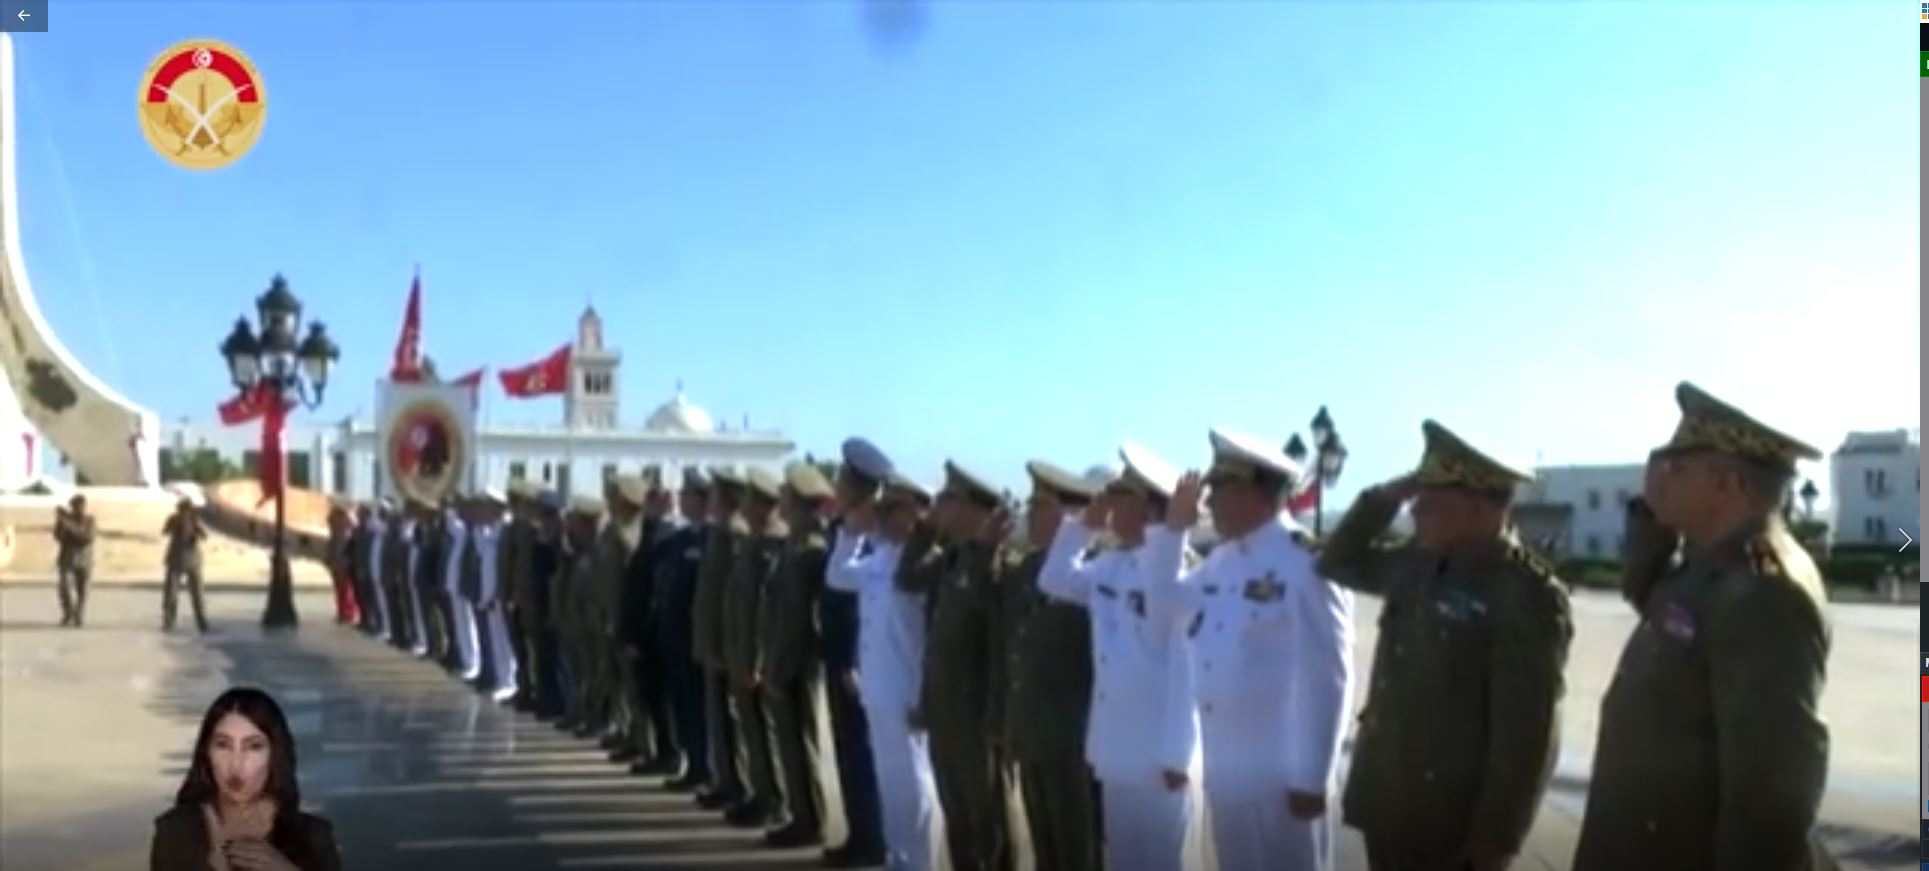 شريط وثائقي بمناسبة الذكرى 65 لانبعاث الجيش الوطني من إنجاز وزارة الدفاع الوطني